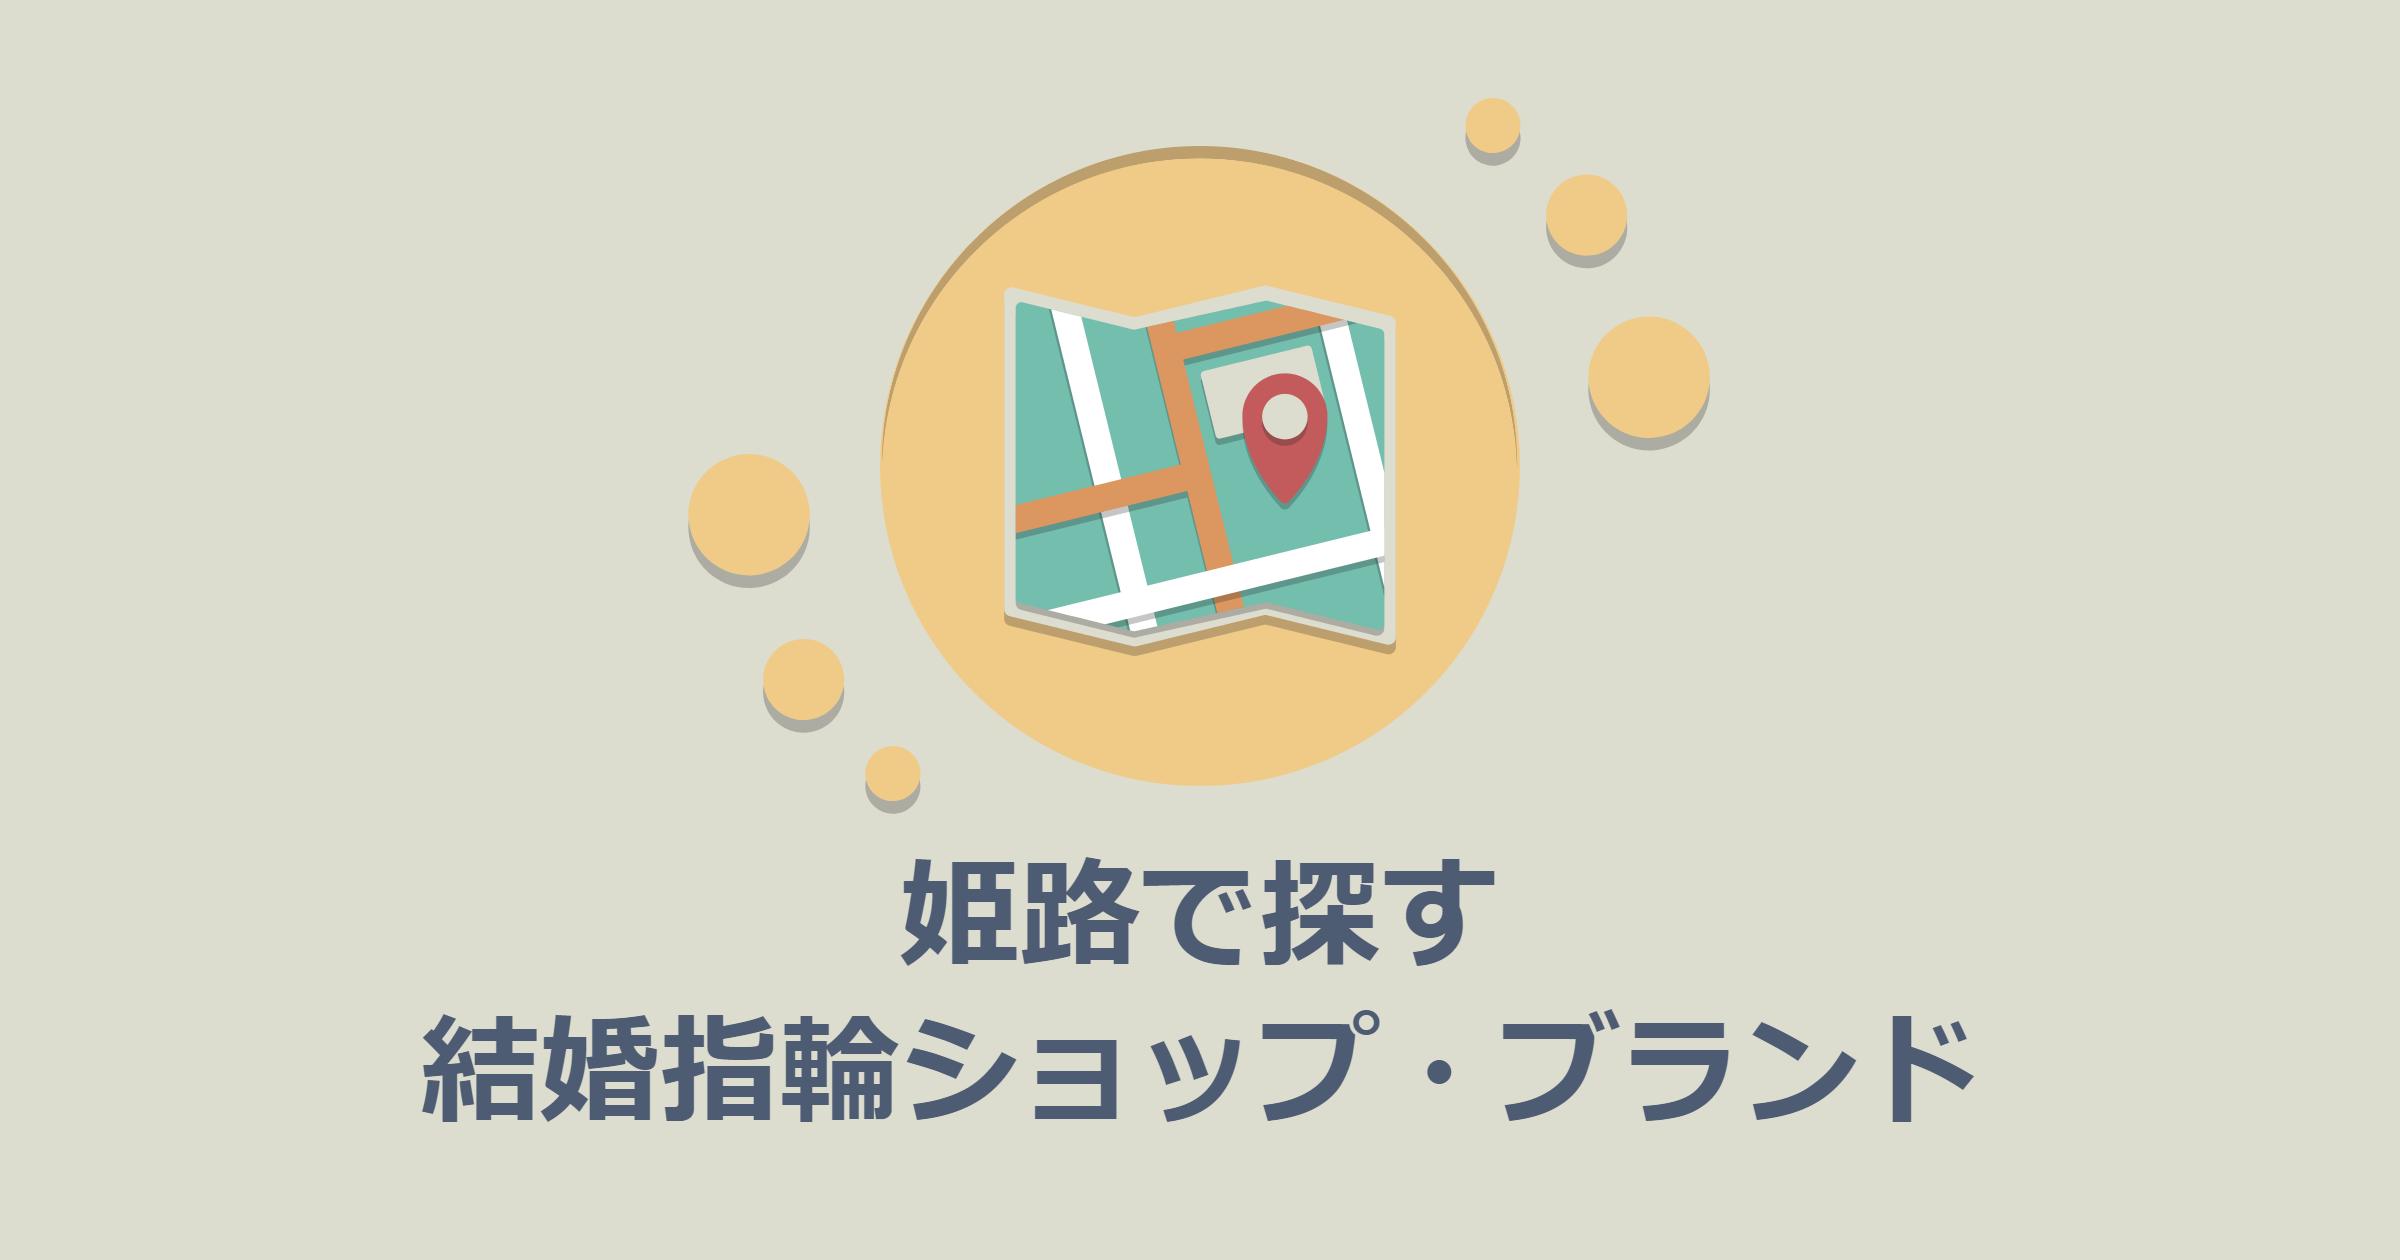 姫路で探す結婚指輪ショップ・ブランド